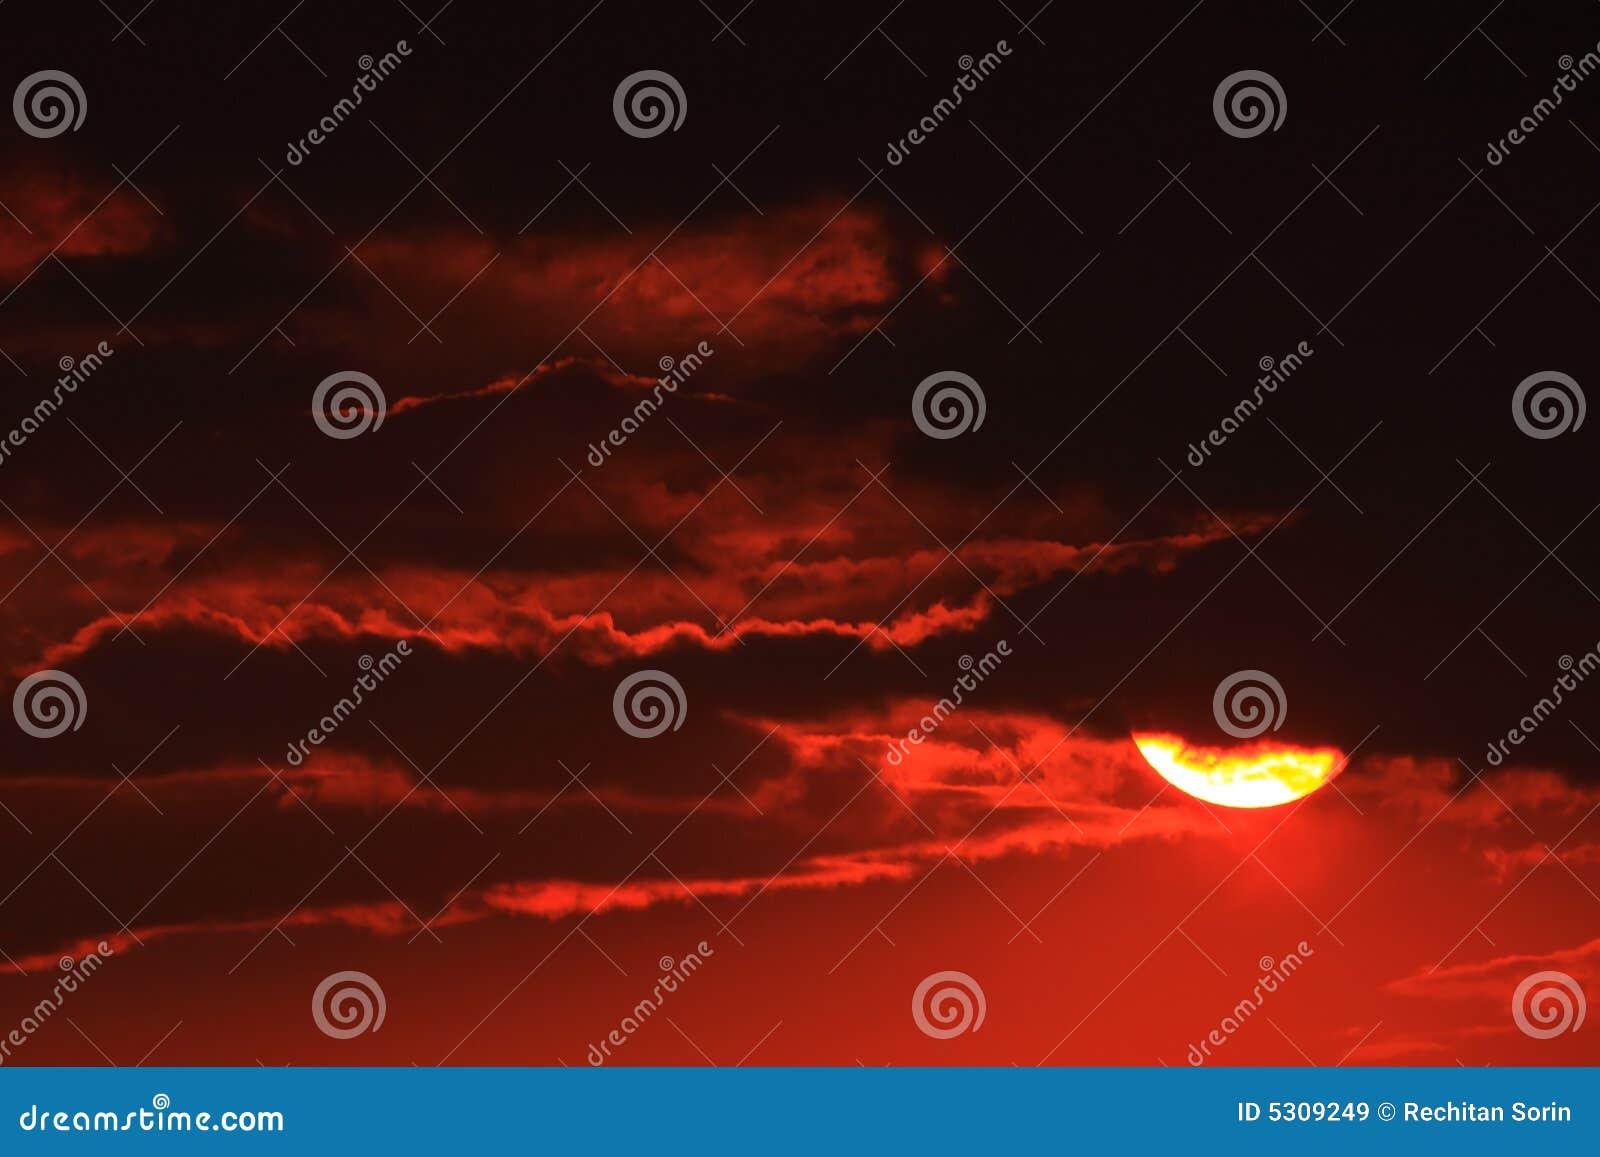 Download Tramonto immagine stock. Immagine di cielo, colore, stormy - 5309249